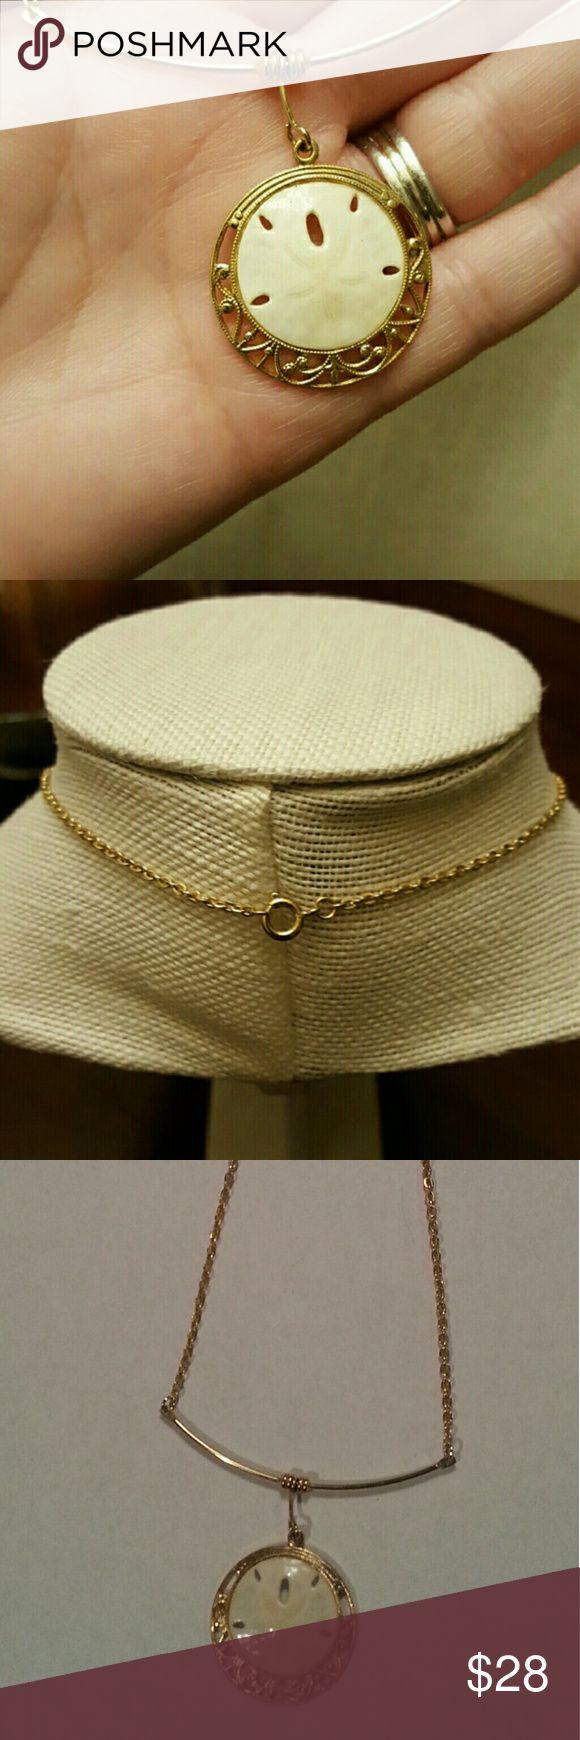 """Sand Dollar Necklace 16"""" sand dollar necklace Jewelry Necklaces"""